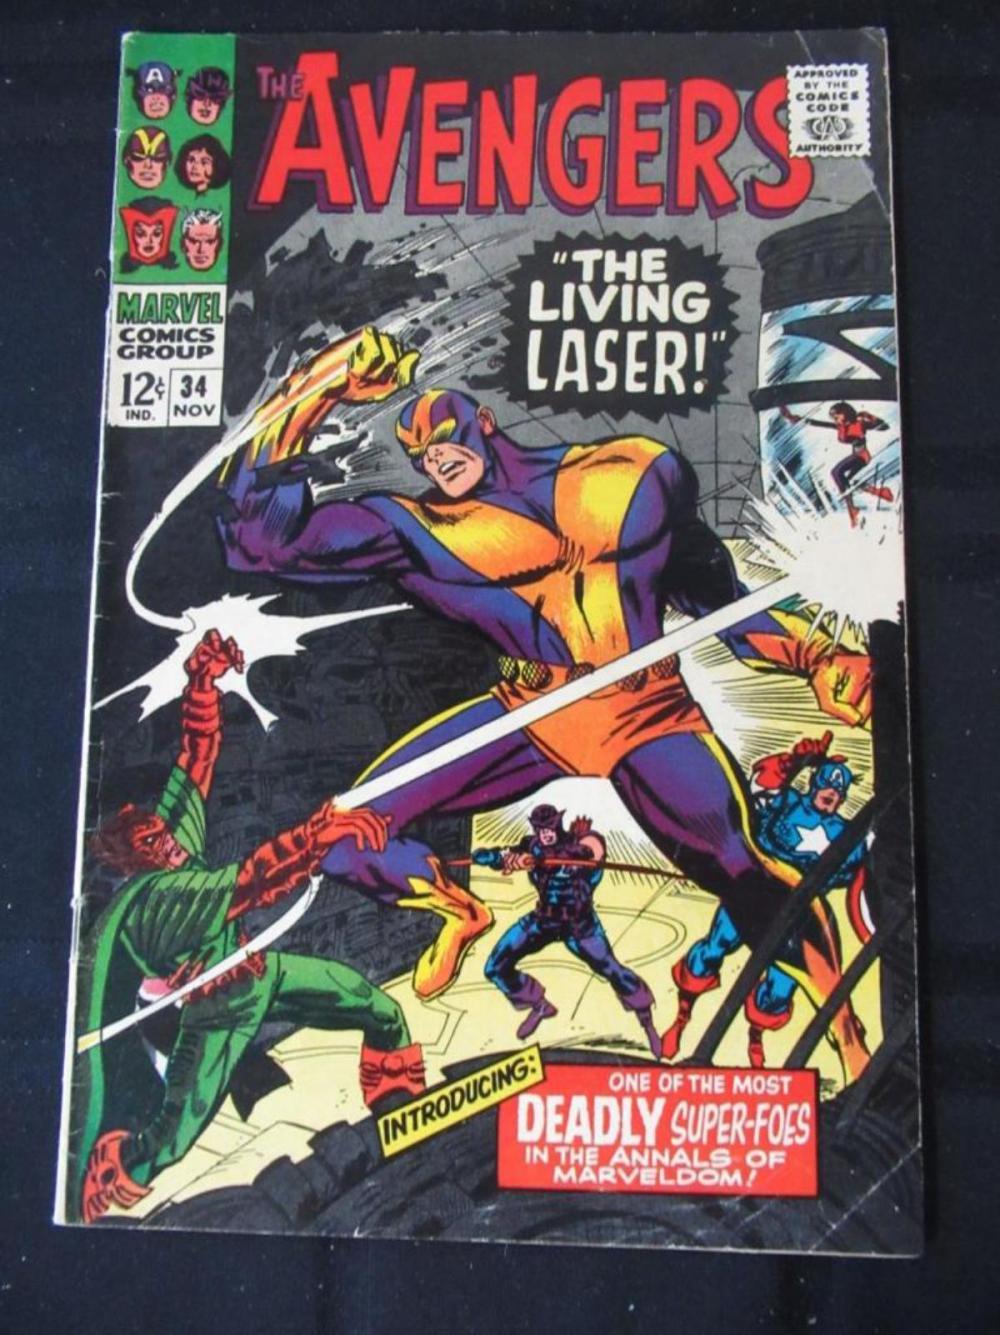 The Avengers 12c #34 The Living Laser!